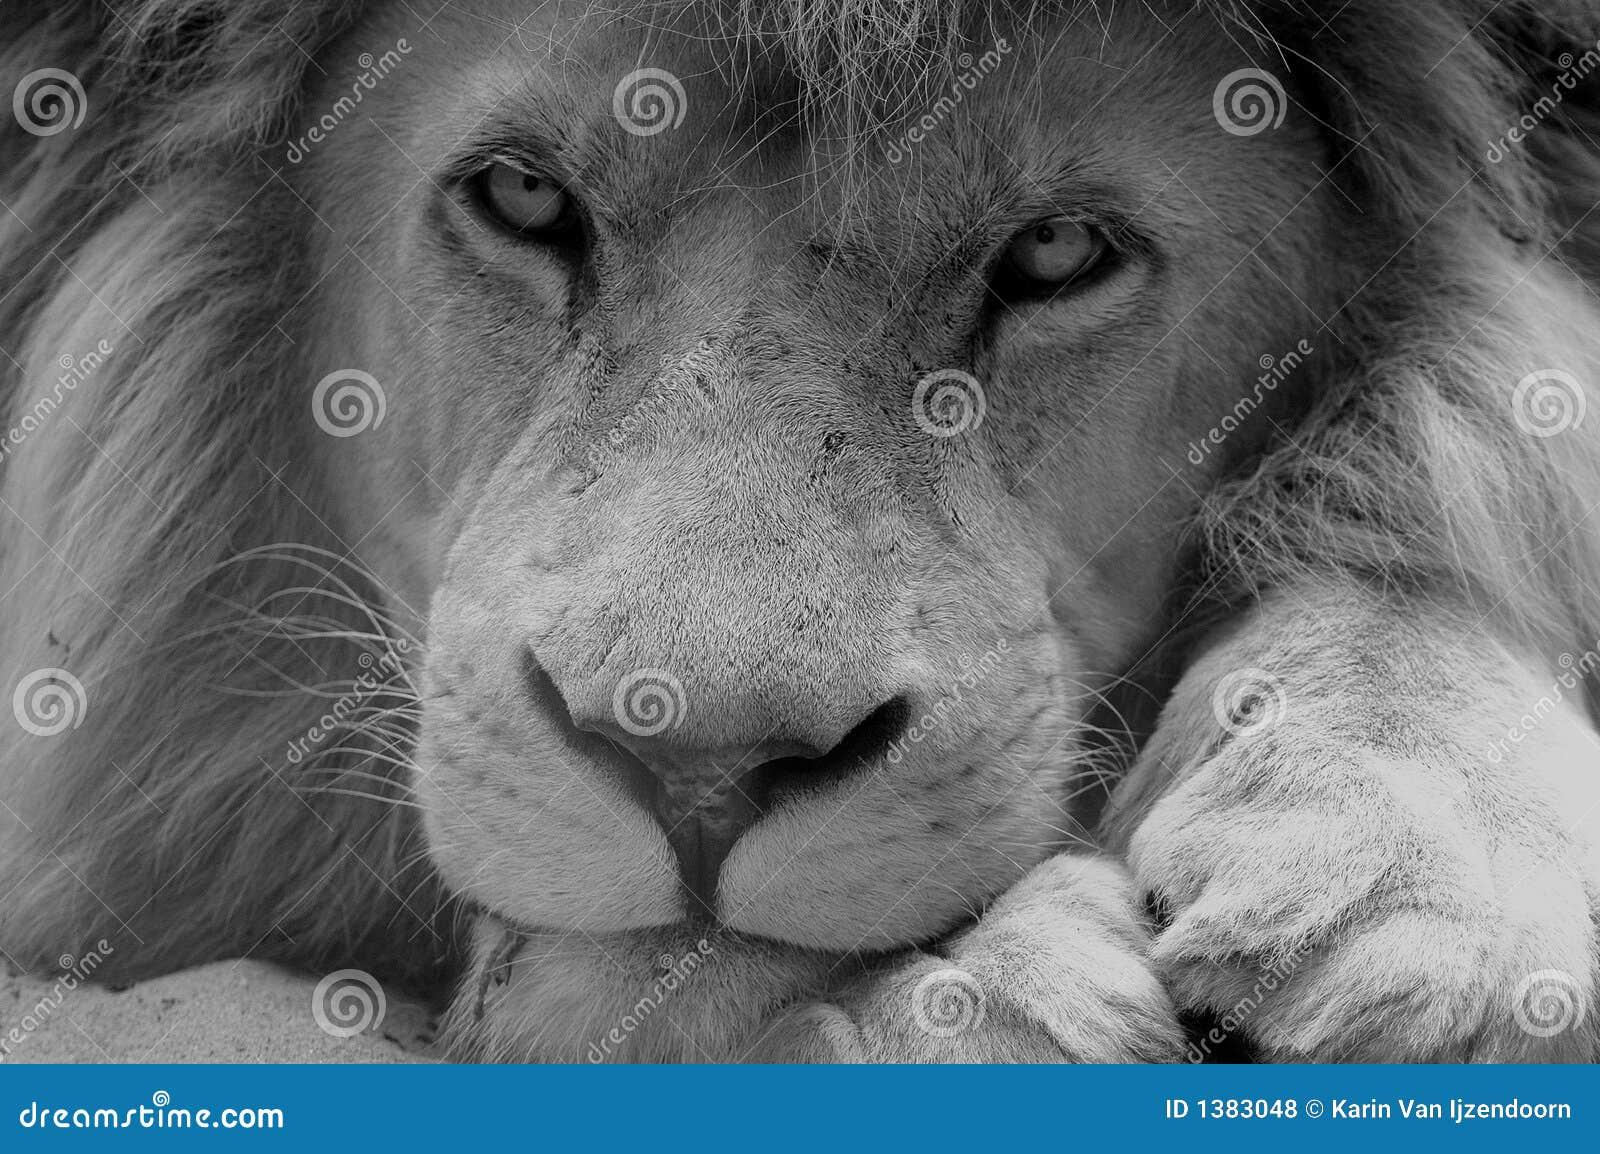 lion noir et blanc photos libres de droits image 1383048. Black Bedroom Furniture Sets. Home Design Ideas